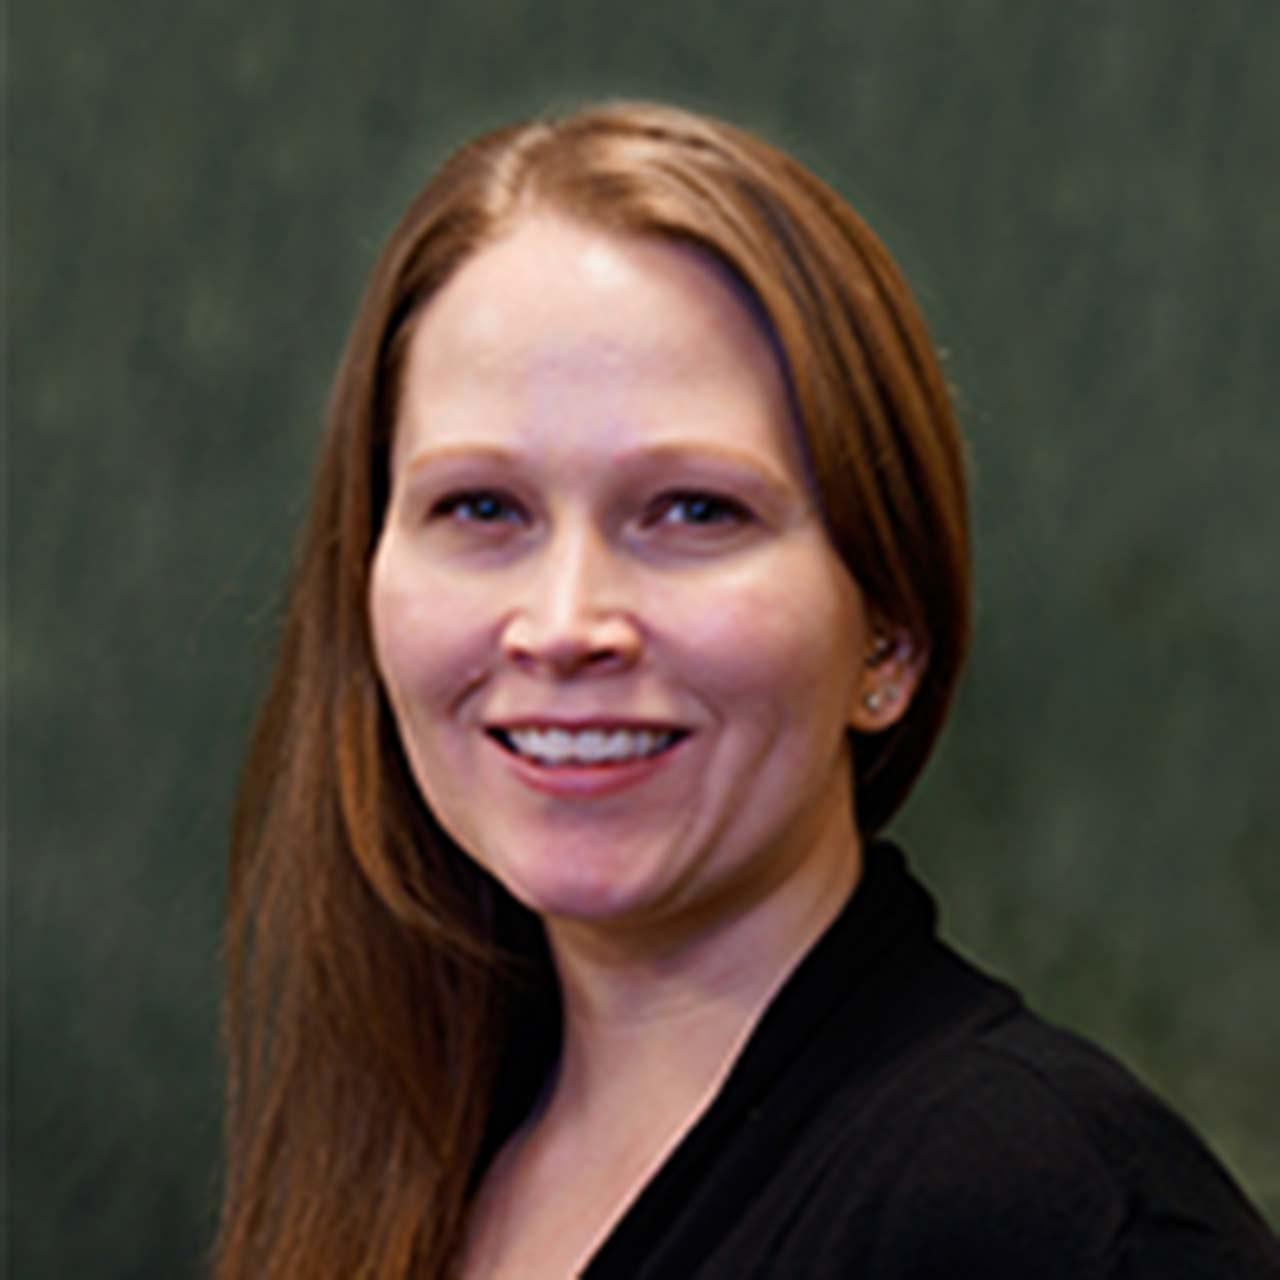 Katie Finegan